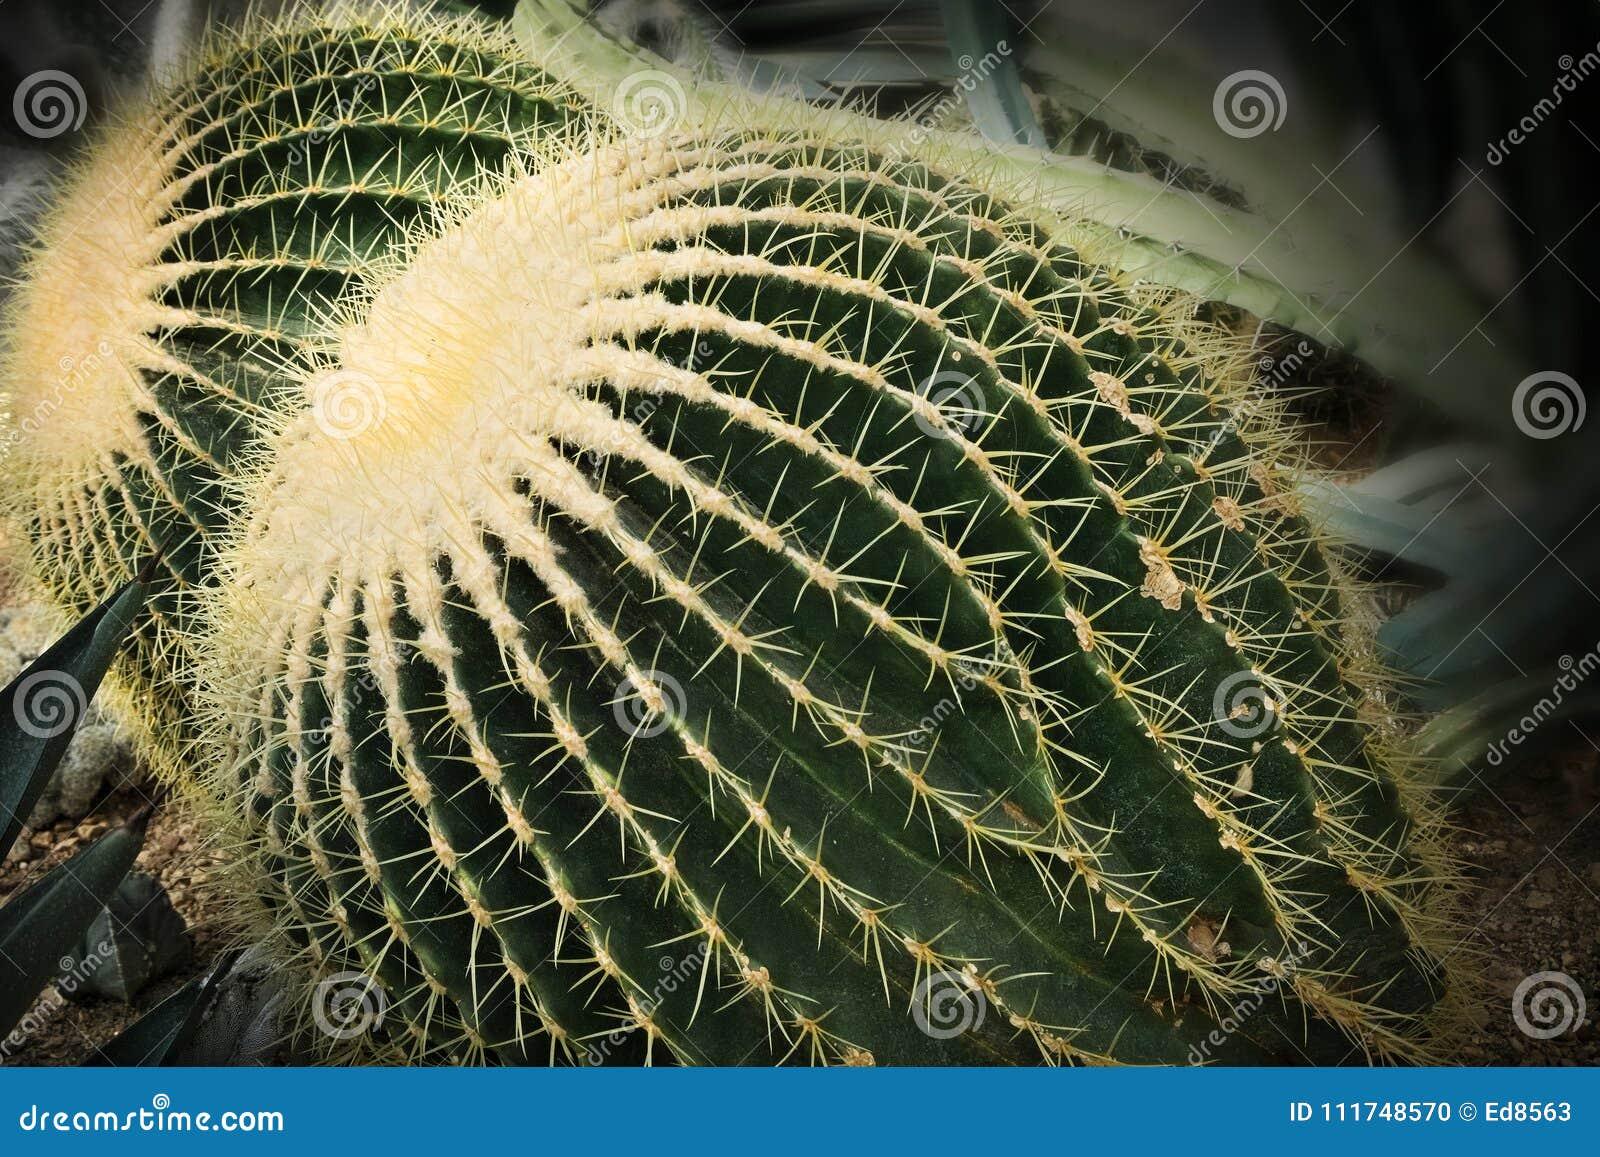 Grusonii Echinocactus - χρυσή κινηματογράφηση σε πρώτο πλάνο ζευγαριού κάκτων βαρελιών